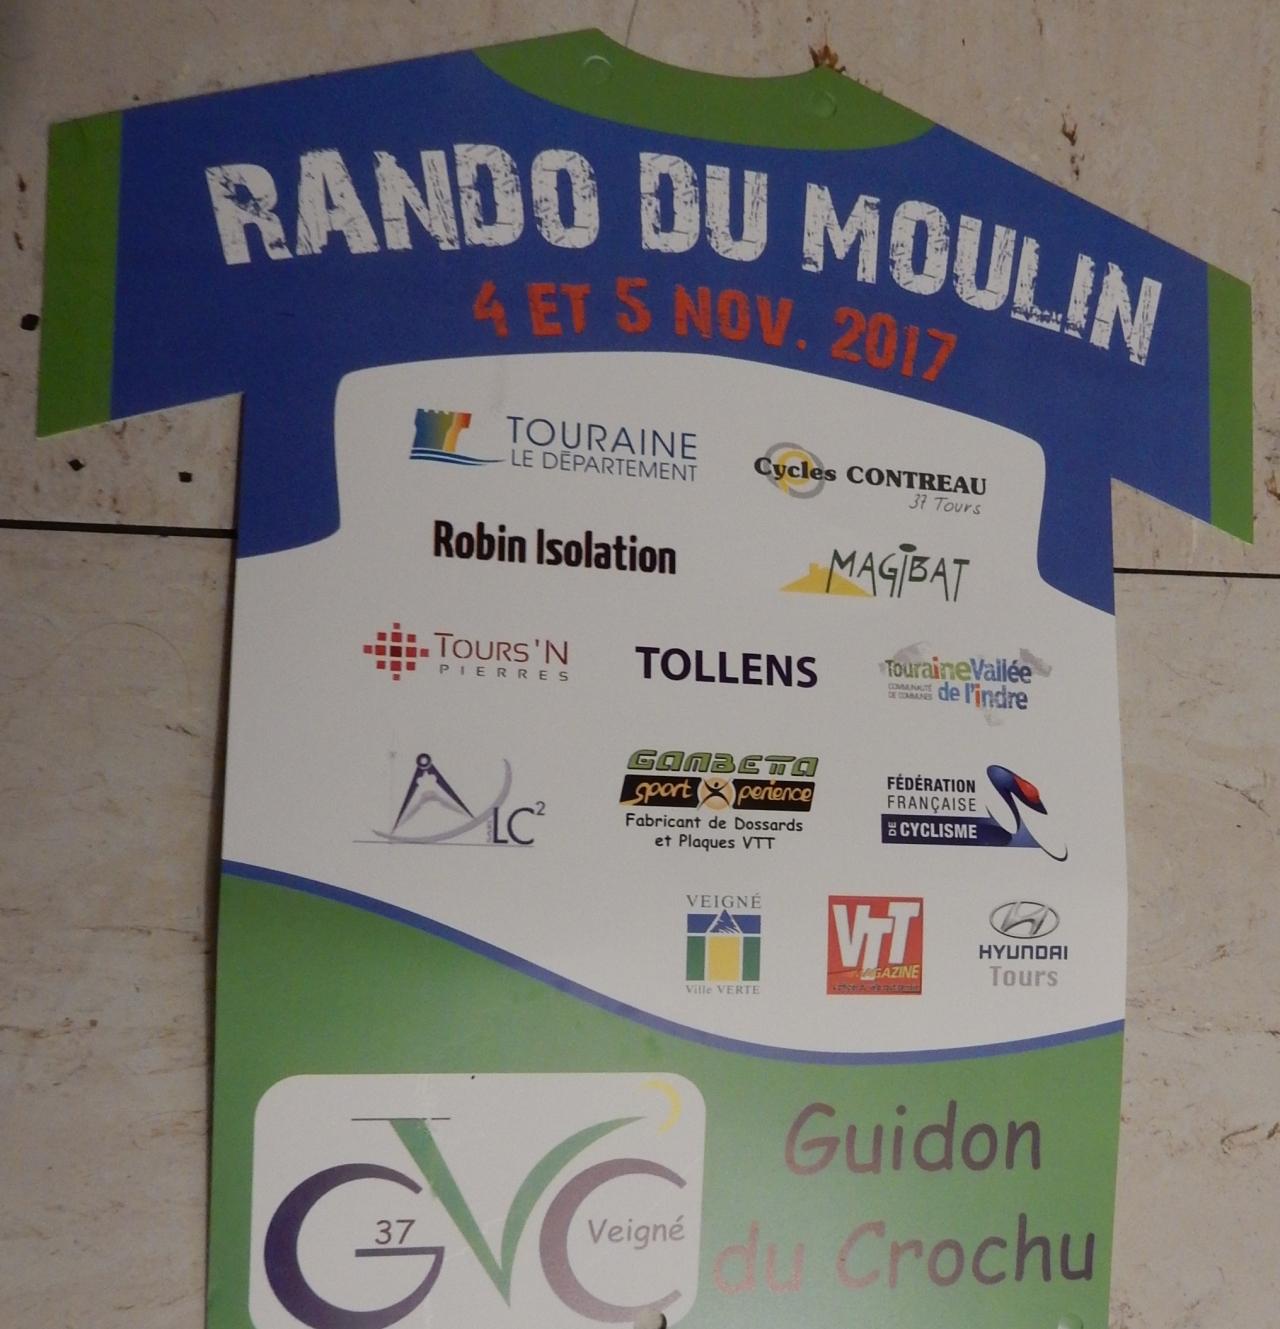 C.R. rando du moulin 2017 à Veigné (37), parcours60km.